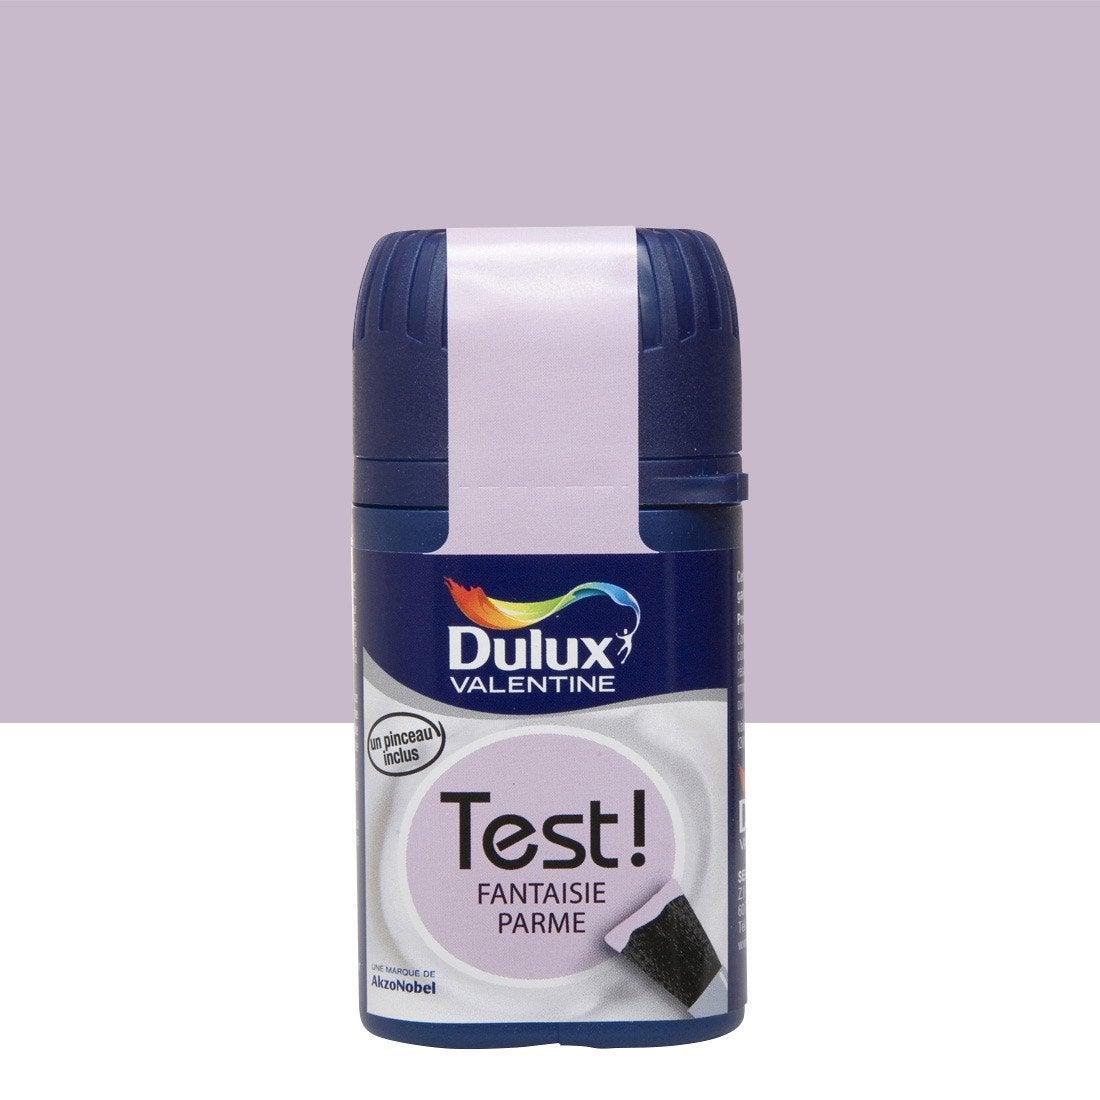 Testeur peinture fantaisie parme dulux valentine crème de couleur ...